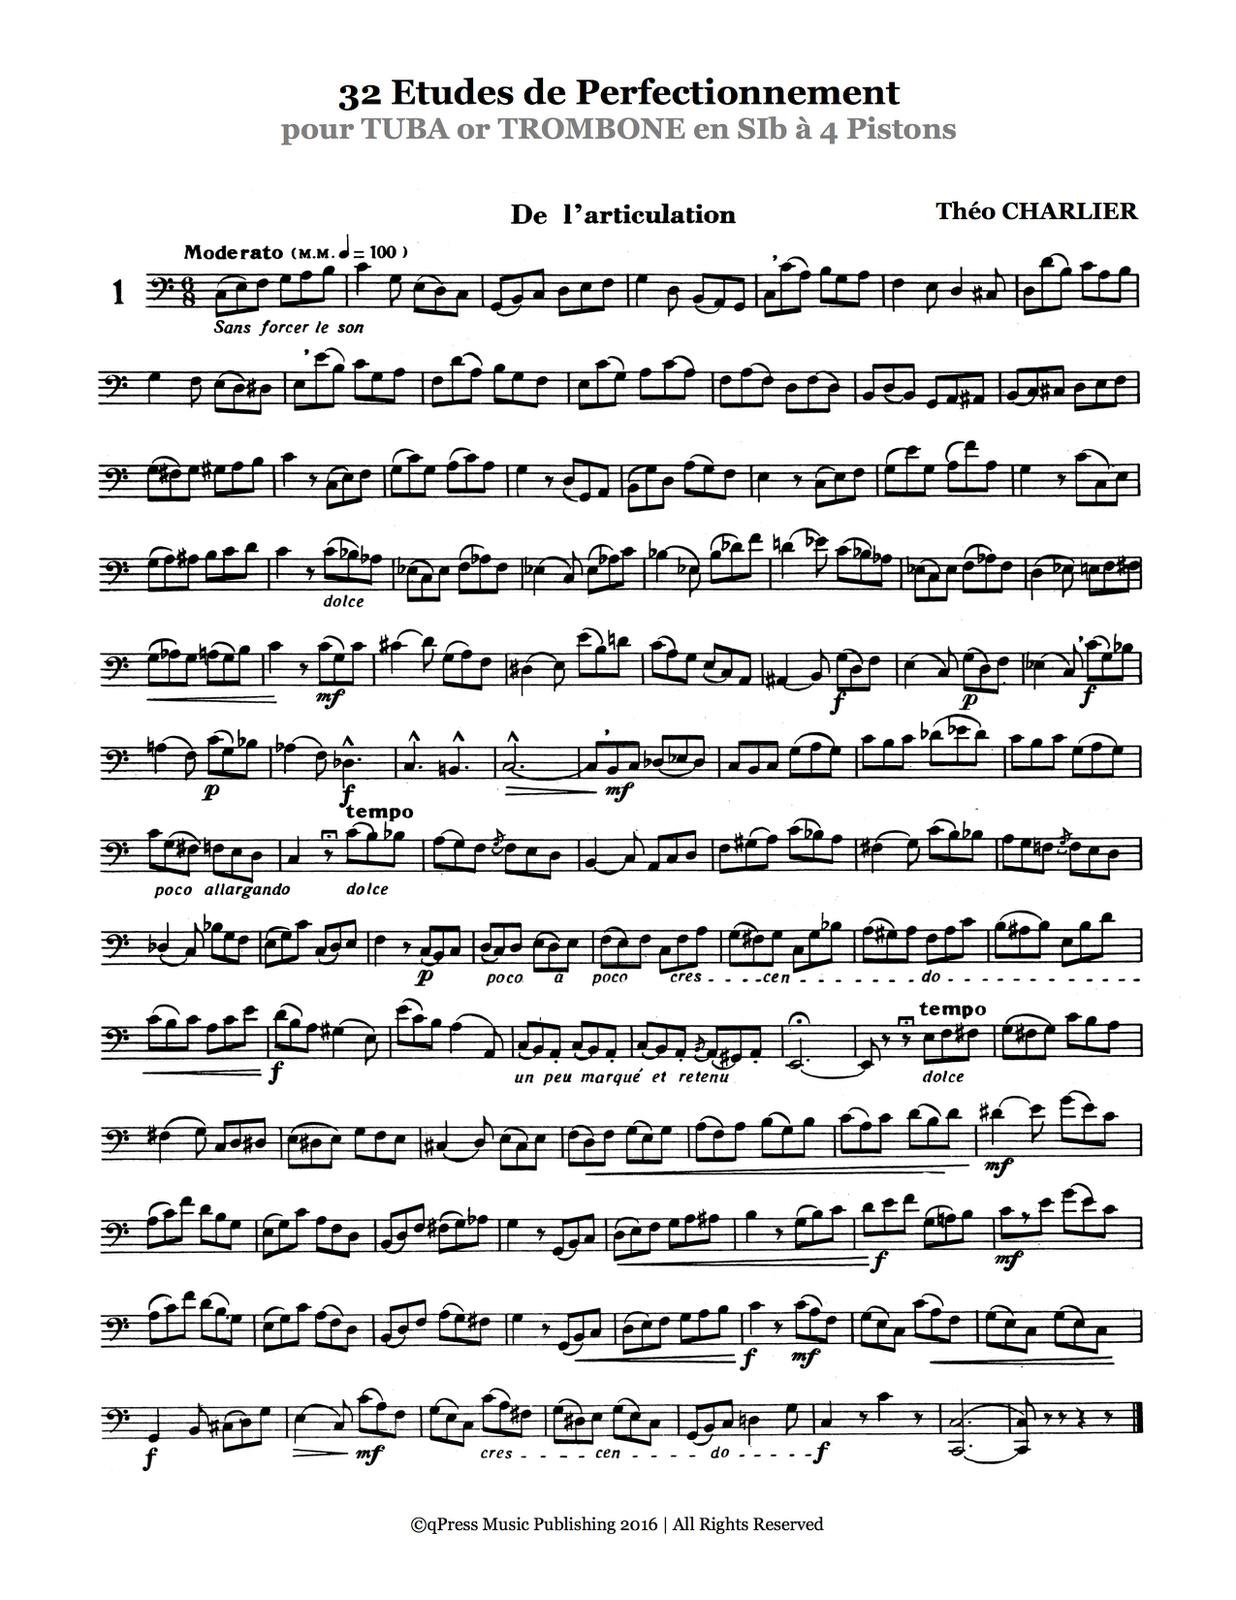 charlier-32-etudes-de-perfectionnement-pour-trombone-3